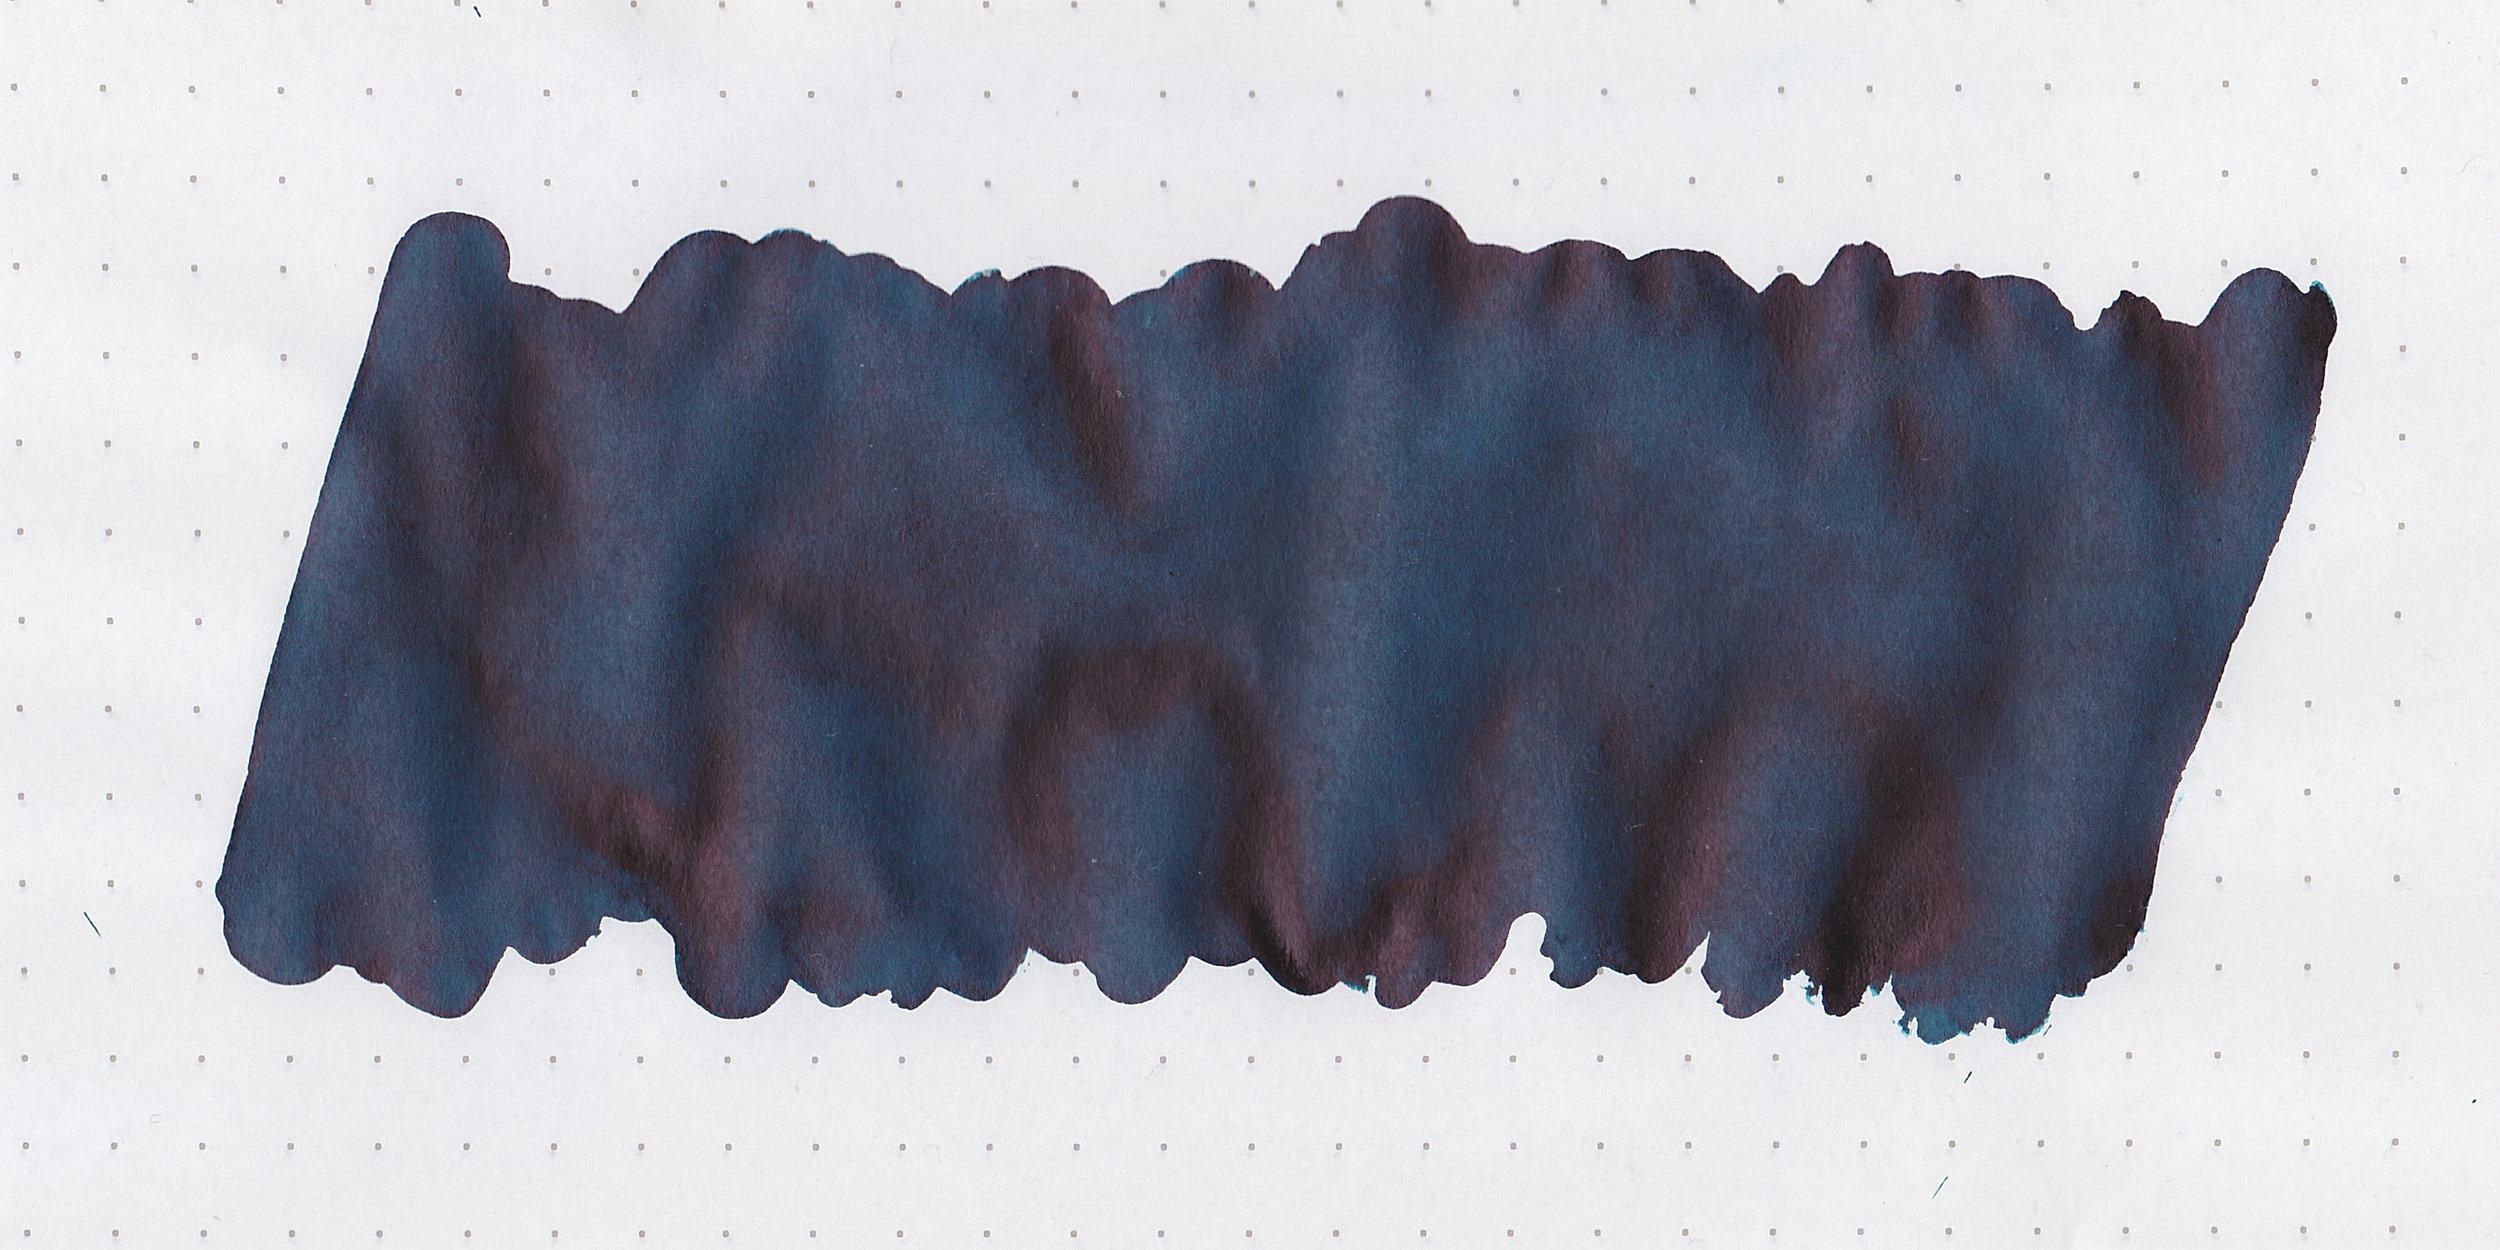 kwz-ig-turquoise-11.jpg